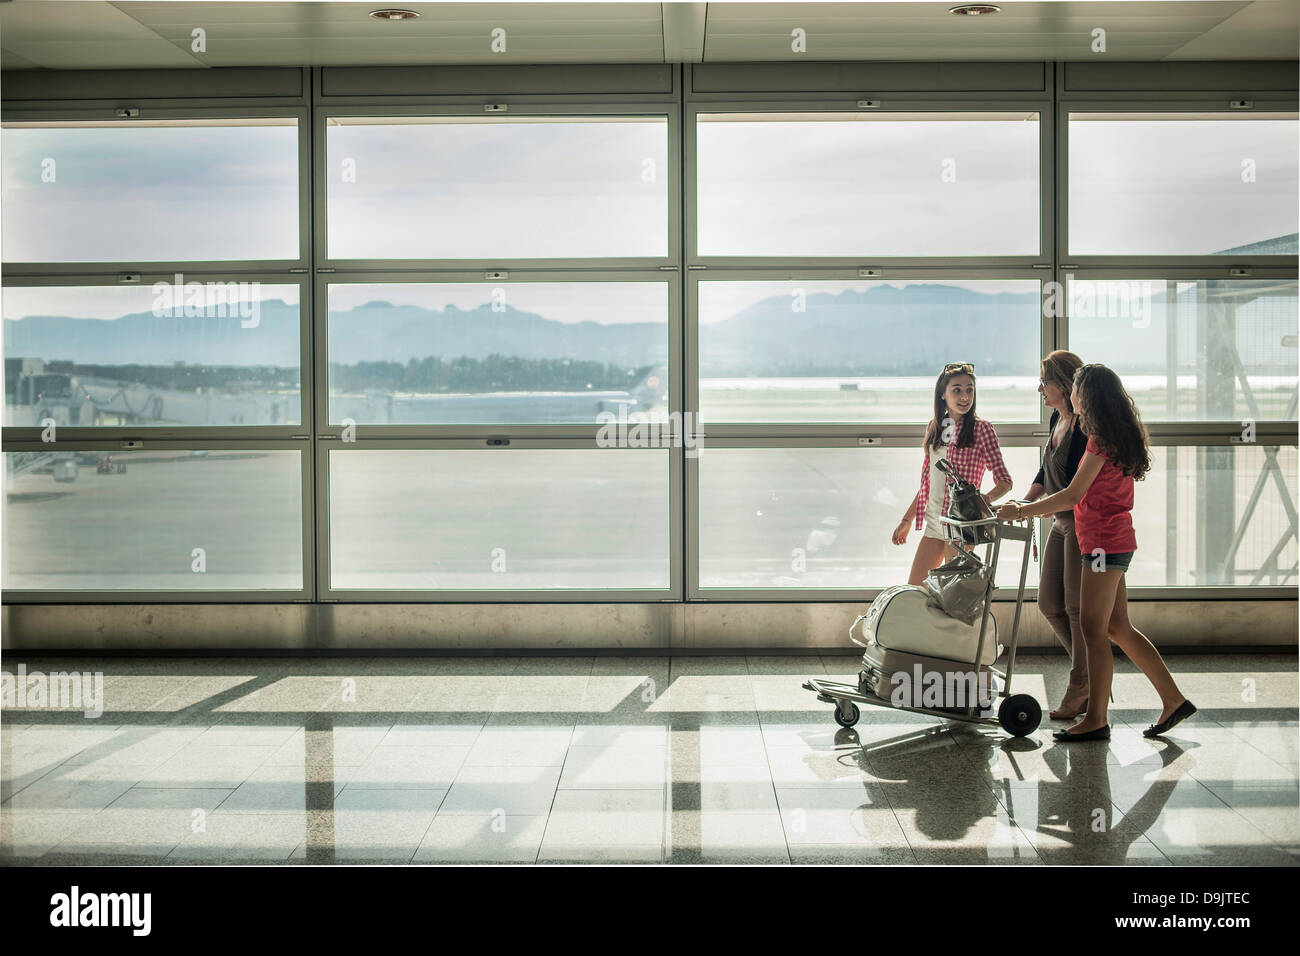 Mädchen im Teenageralter und Frau schieben Gepäckwagen am Flughafen Stockbild